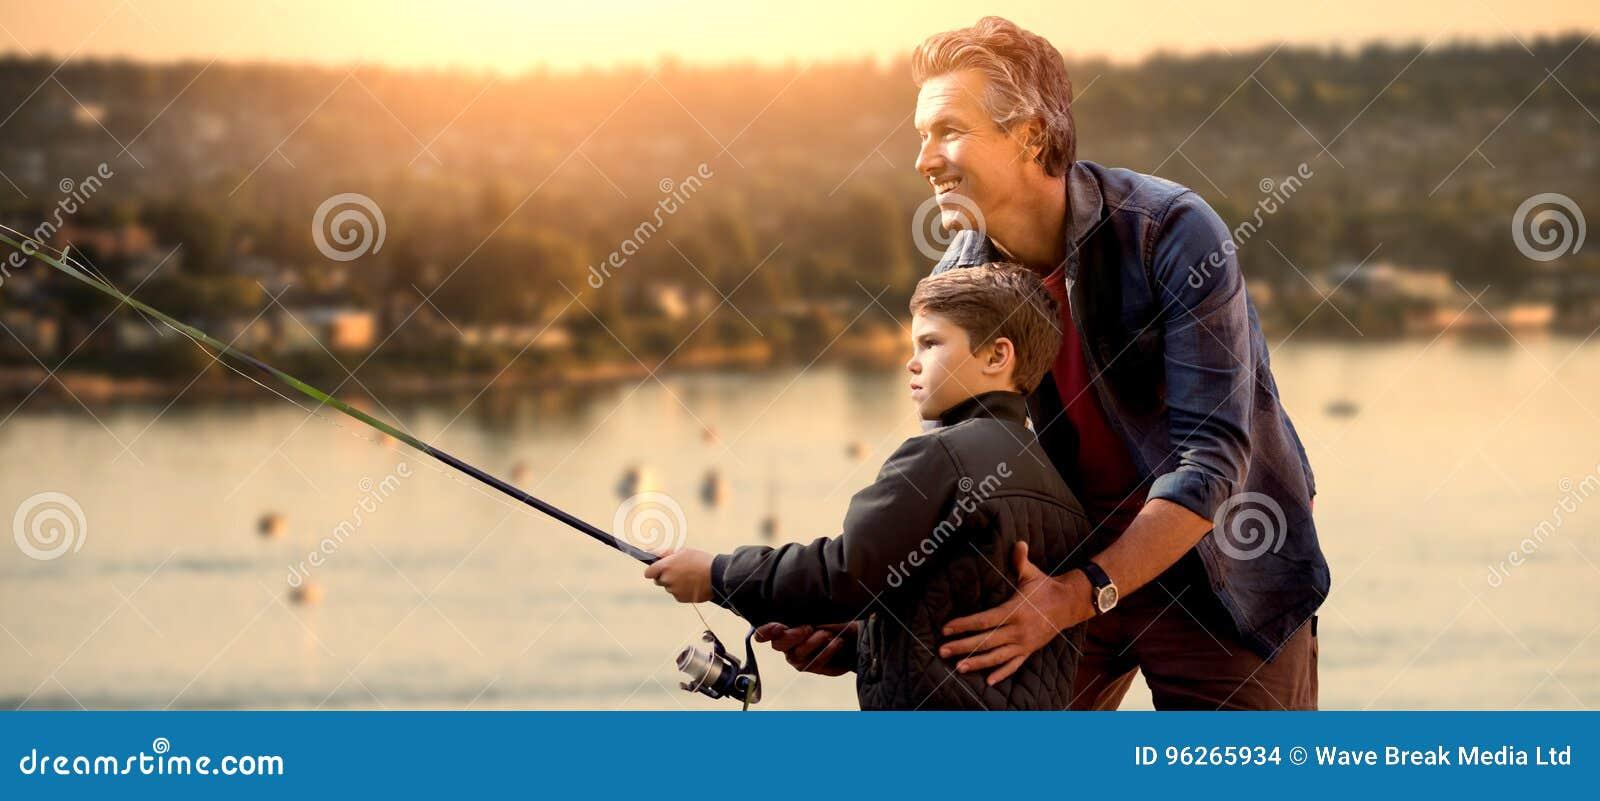 Samengesteld beeld van vader die zijn zoon visserij onderwijzen